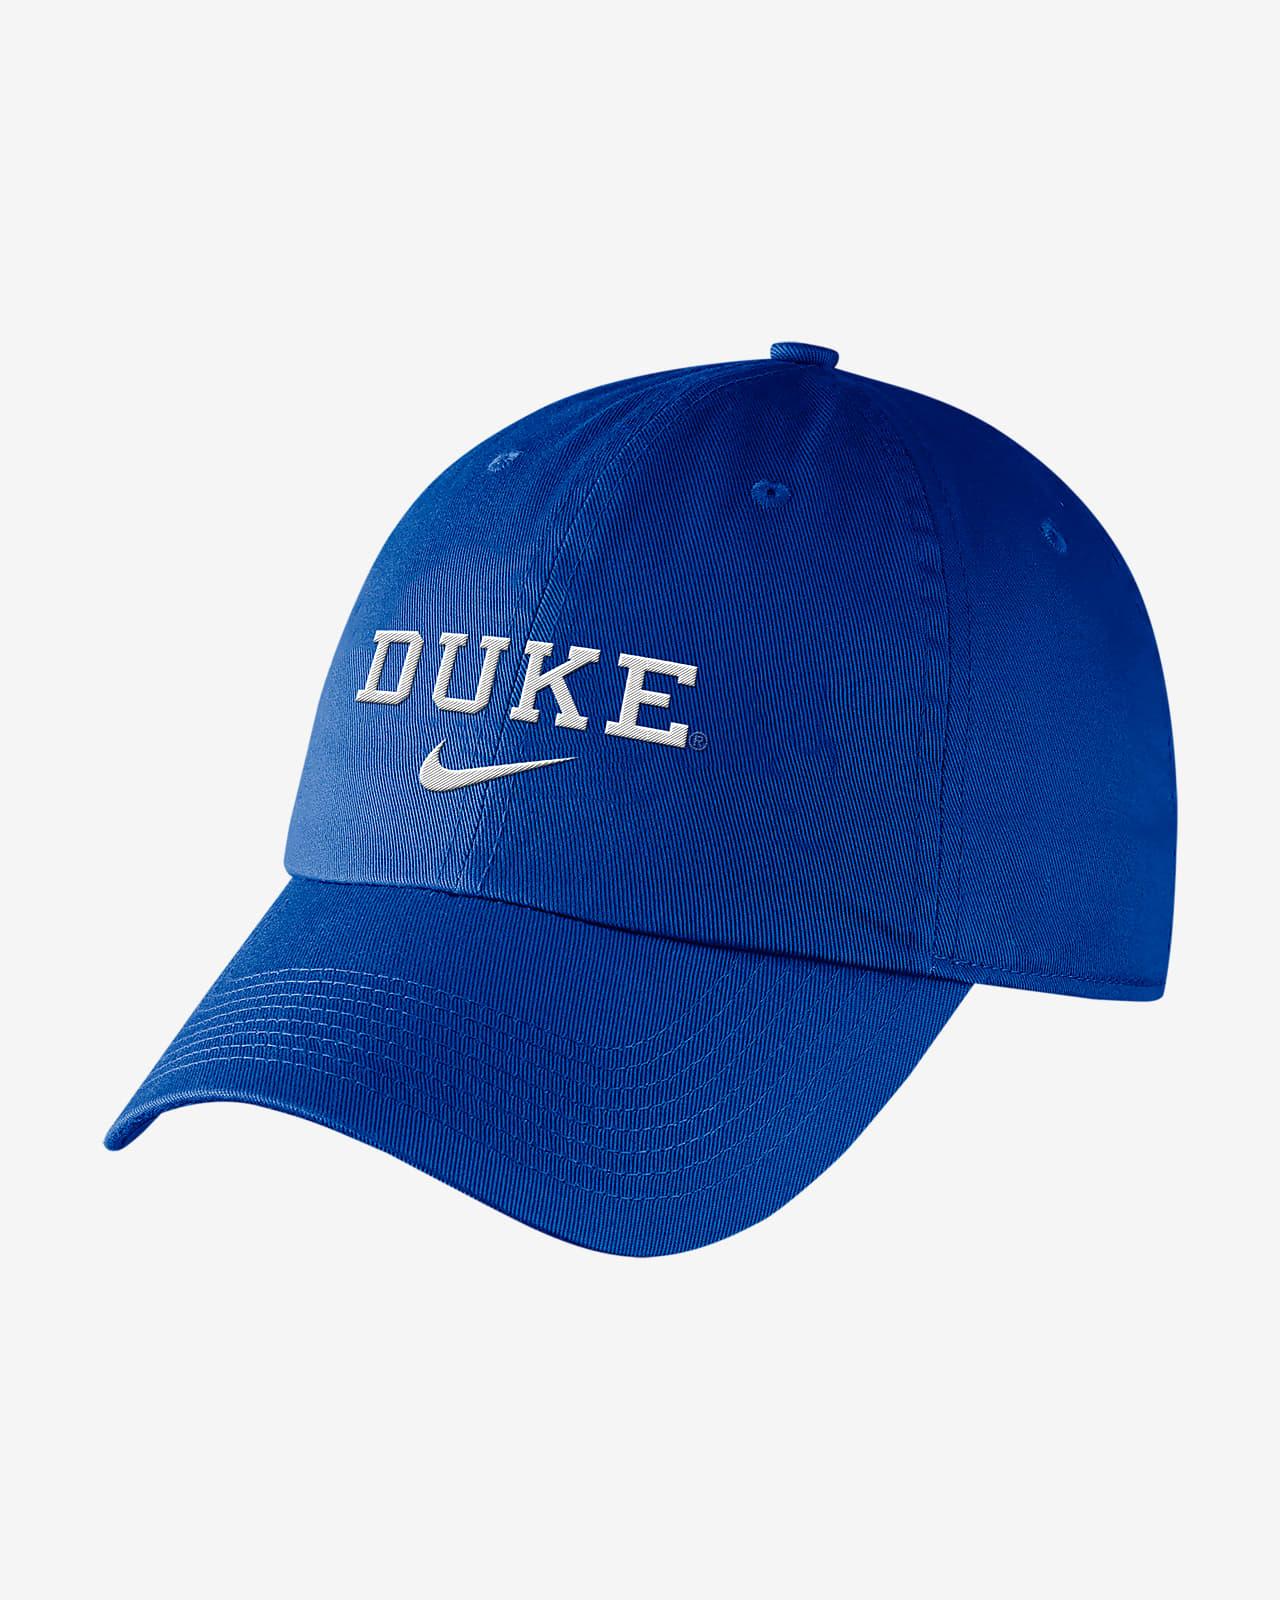 Nike College (Duke) Hat